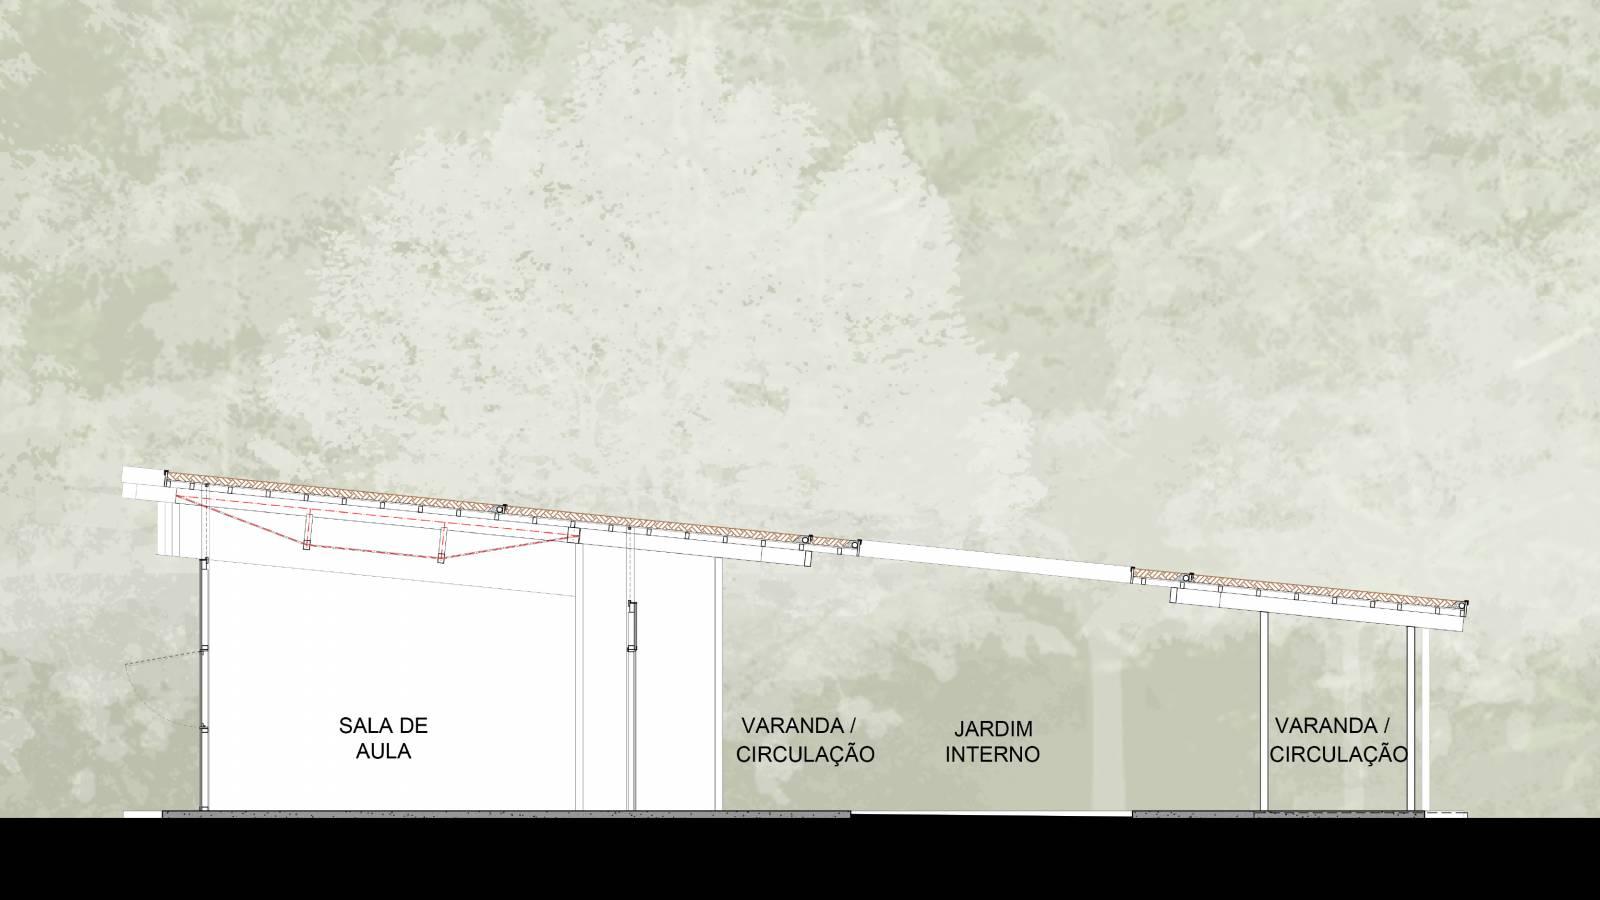 SECTION - Igapó-Açu School - SPOL Architects